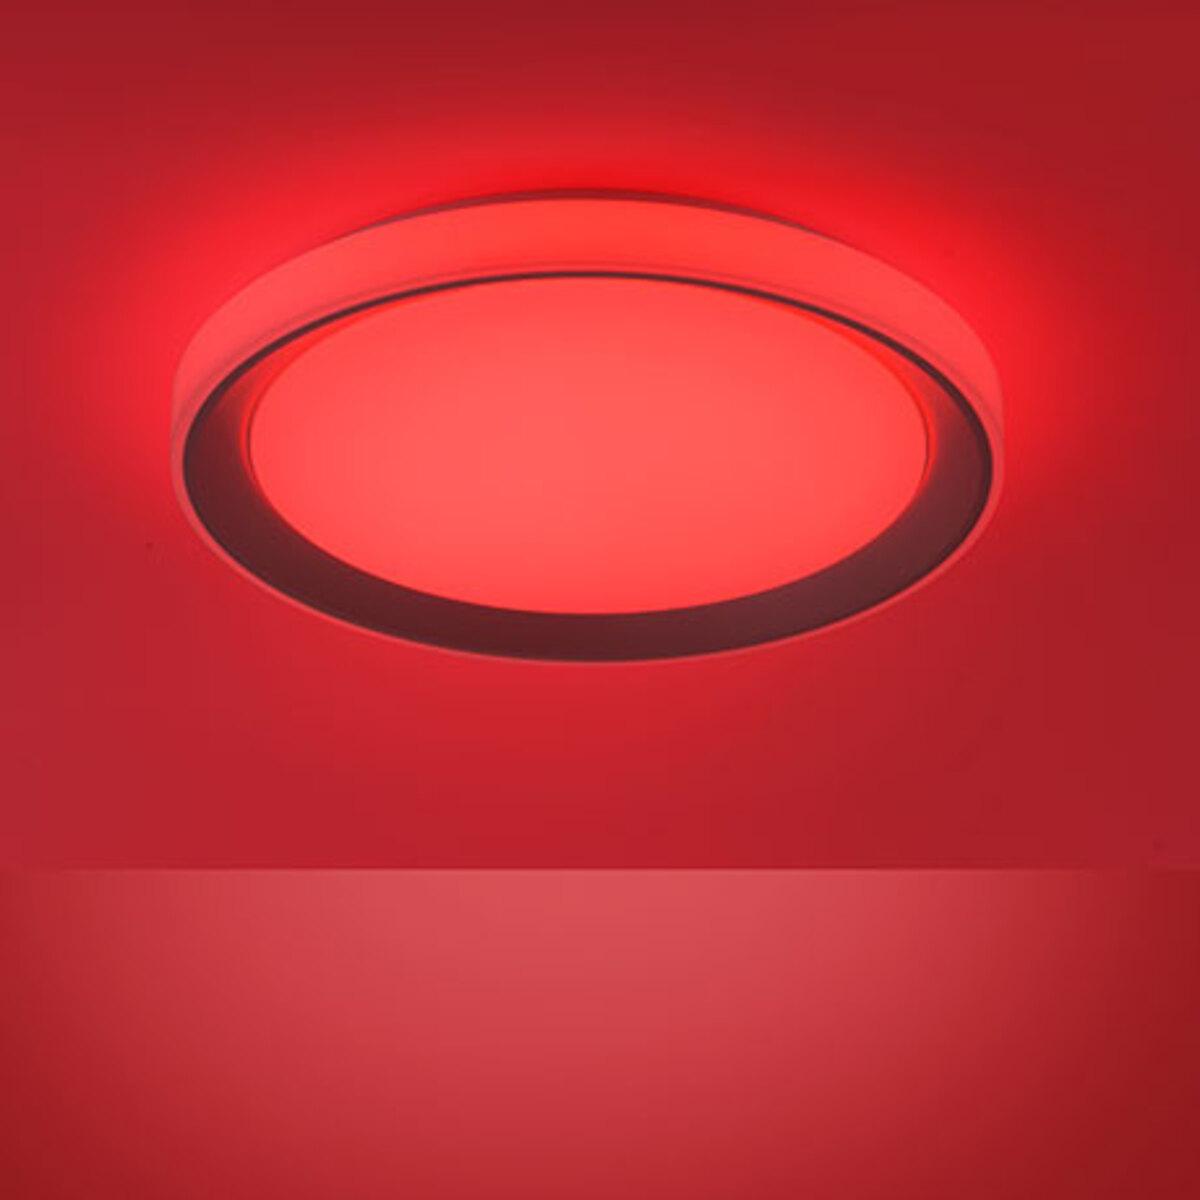 Bild 3 von LED-Deckenleuchte LOLASmart Leni1